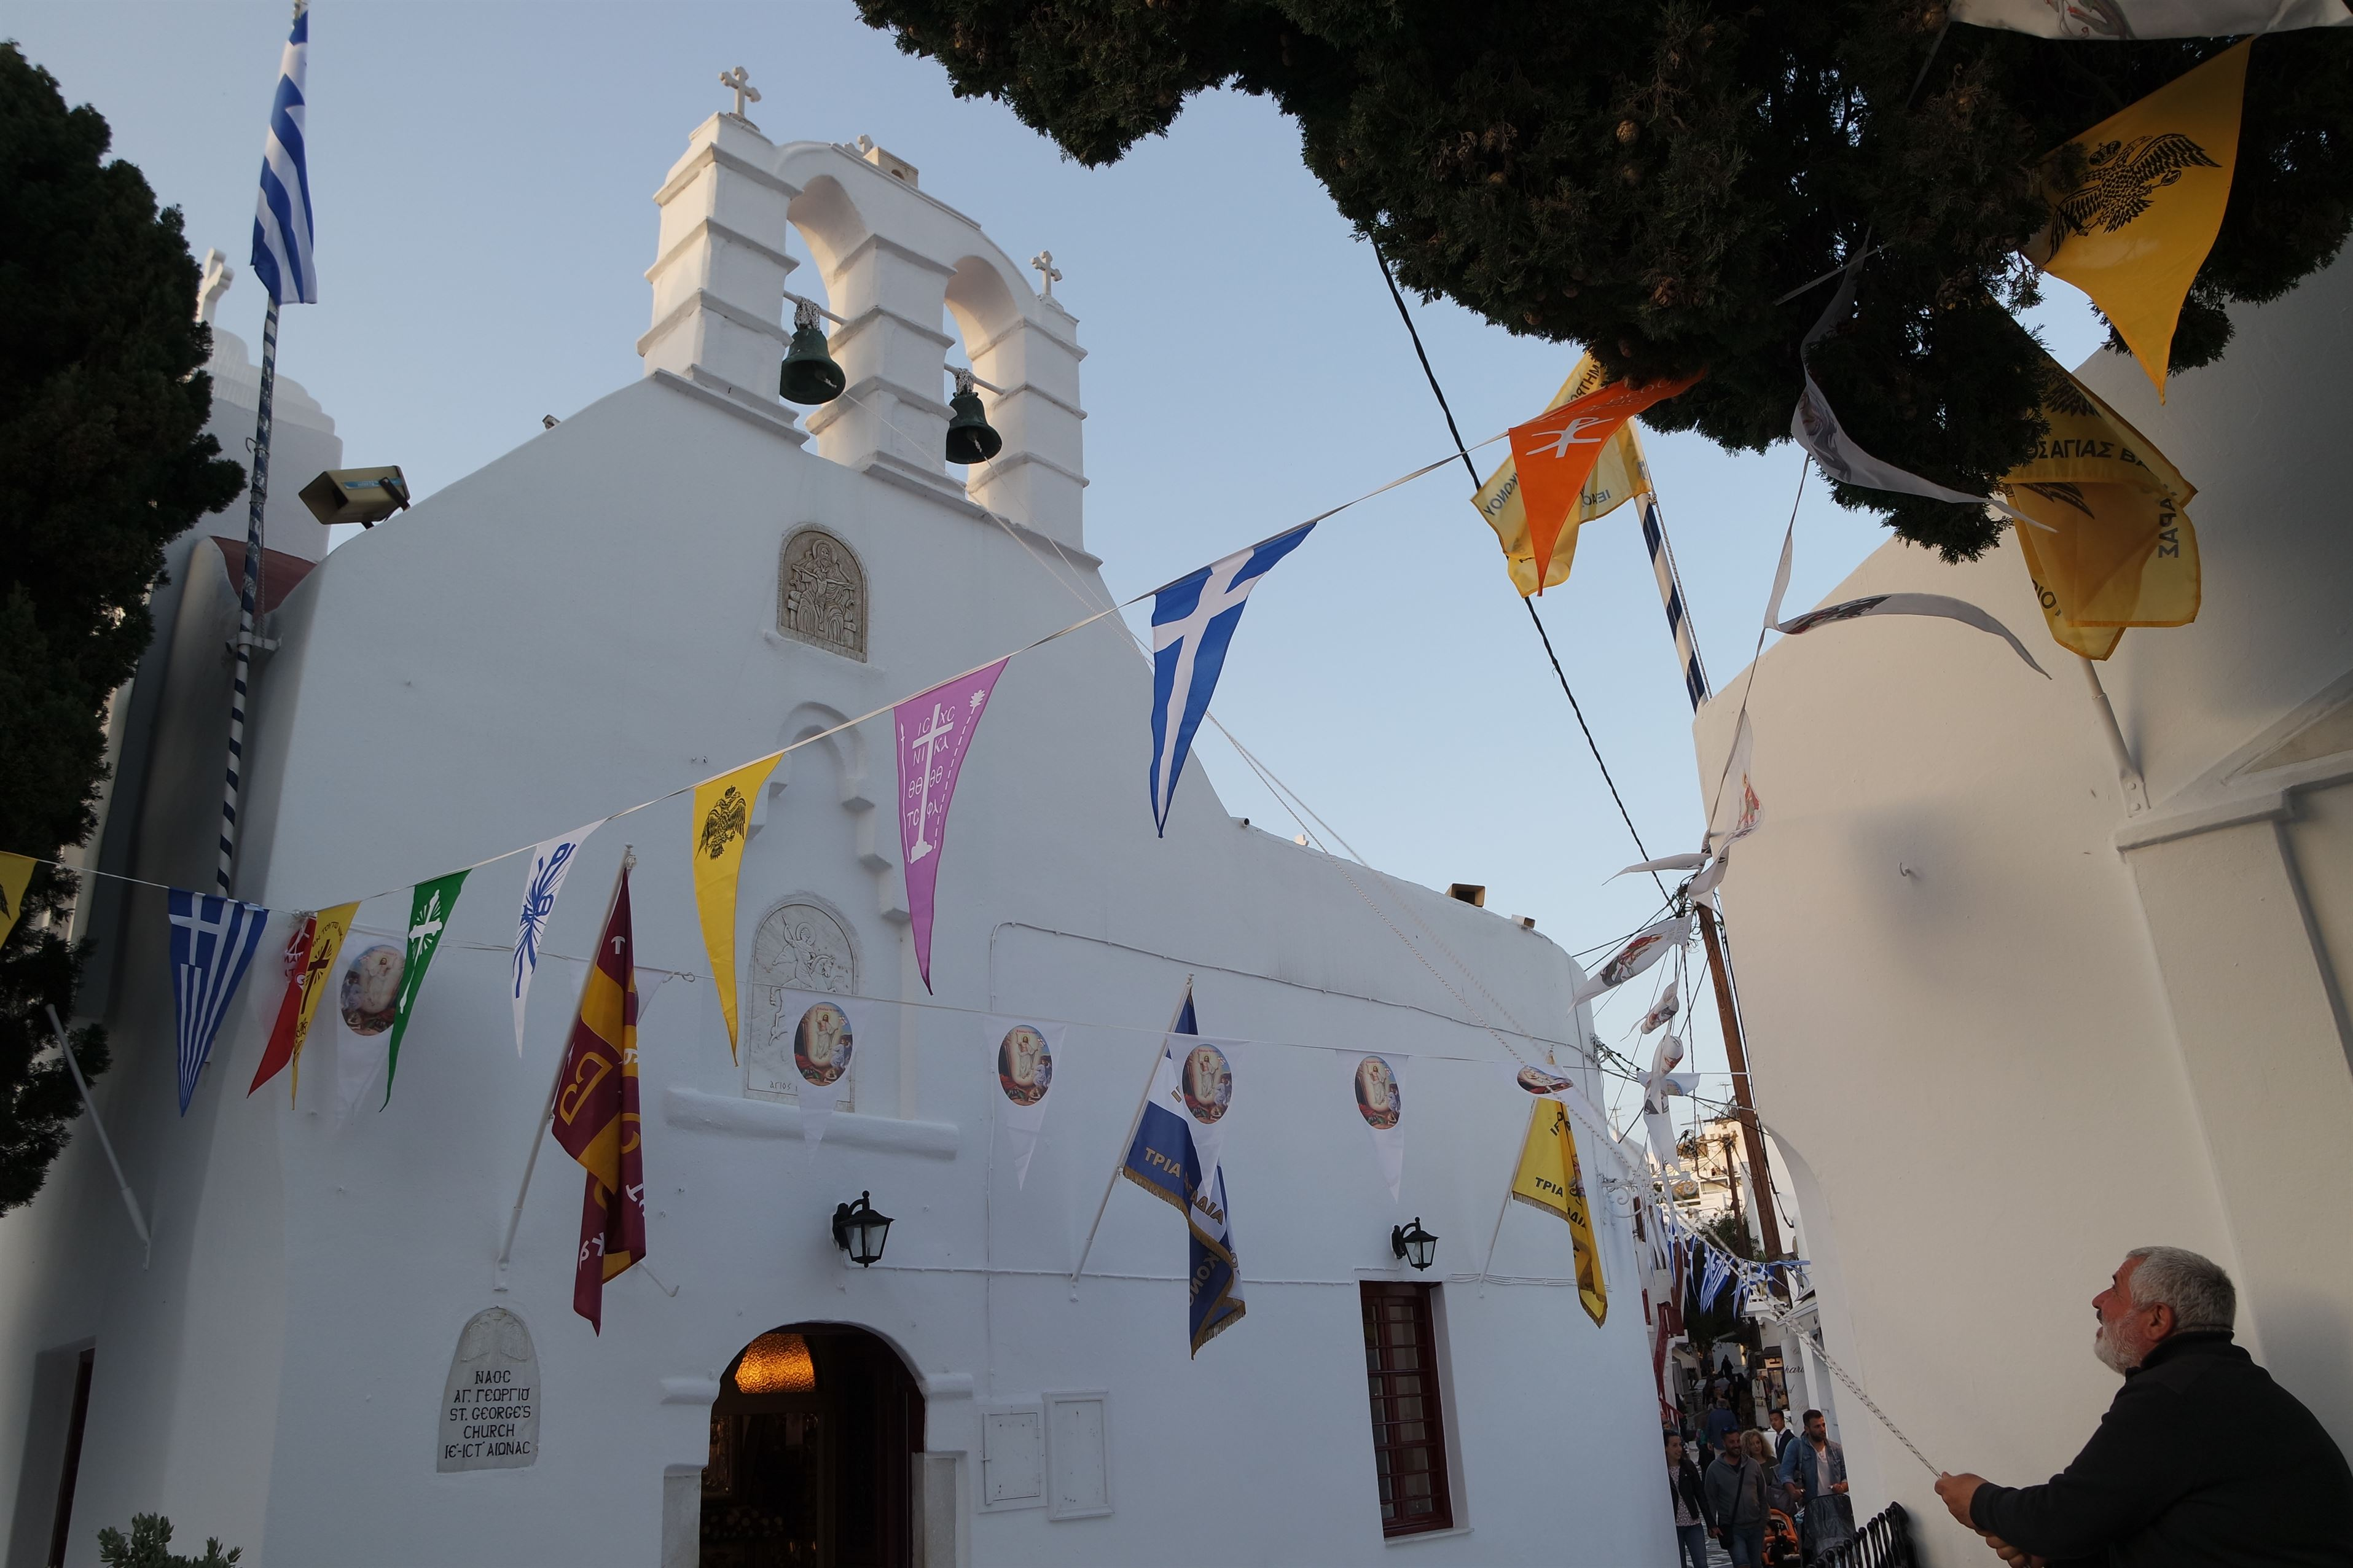 , Πανηγυρικός Εσπερινός του Αγίου Γεωργίου στα Τρία Πηγάδια Μυκόνου (εικόνες+videos)